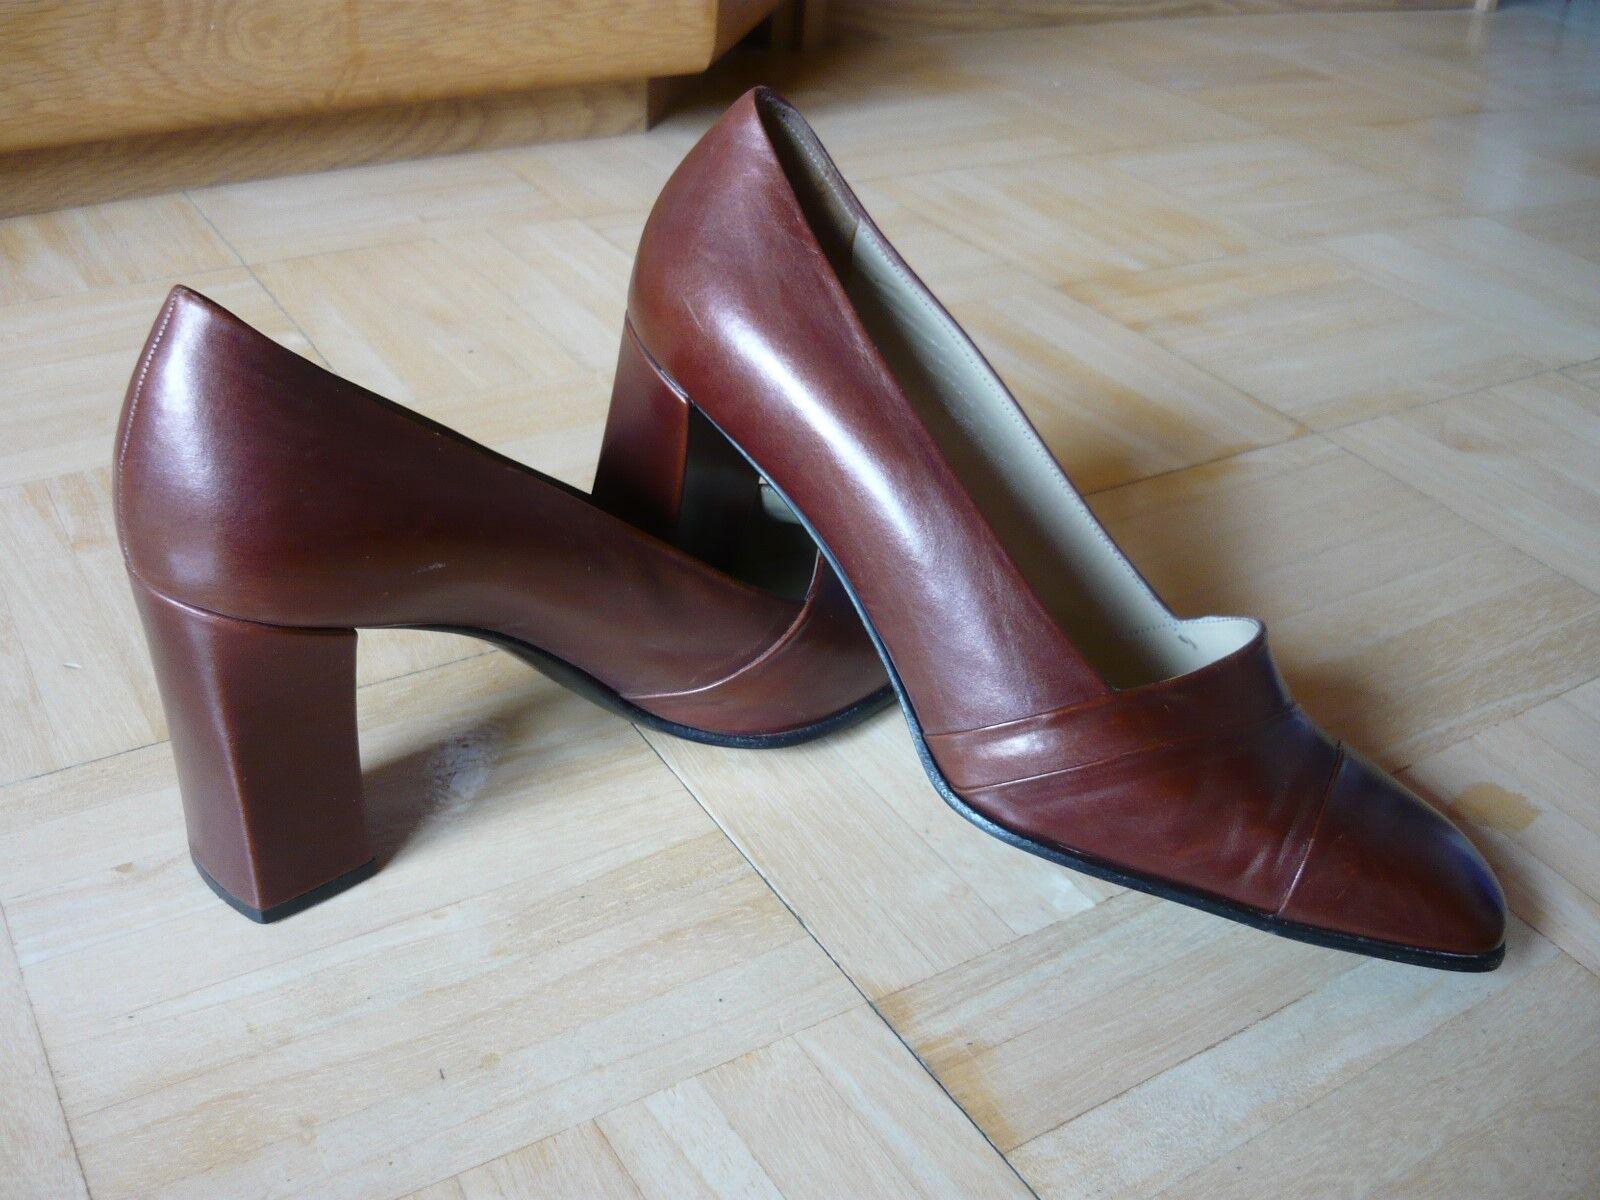 Bally Bellezza Schuhe Echtleder Modell  Rita Rita Rita  Gr.37   4 1a Zustand 061465